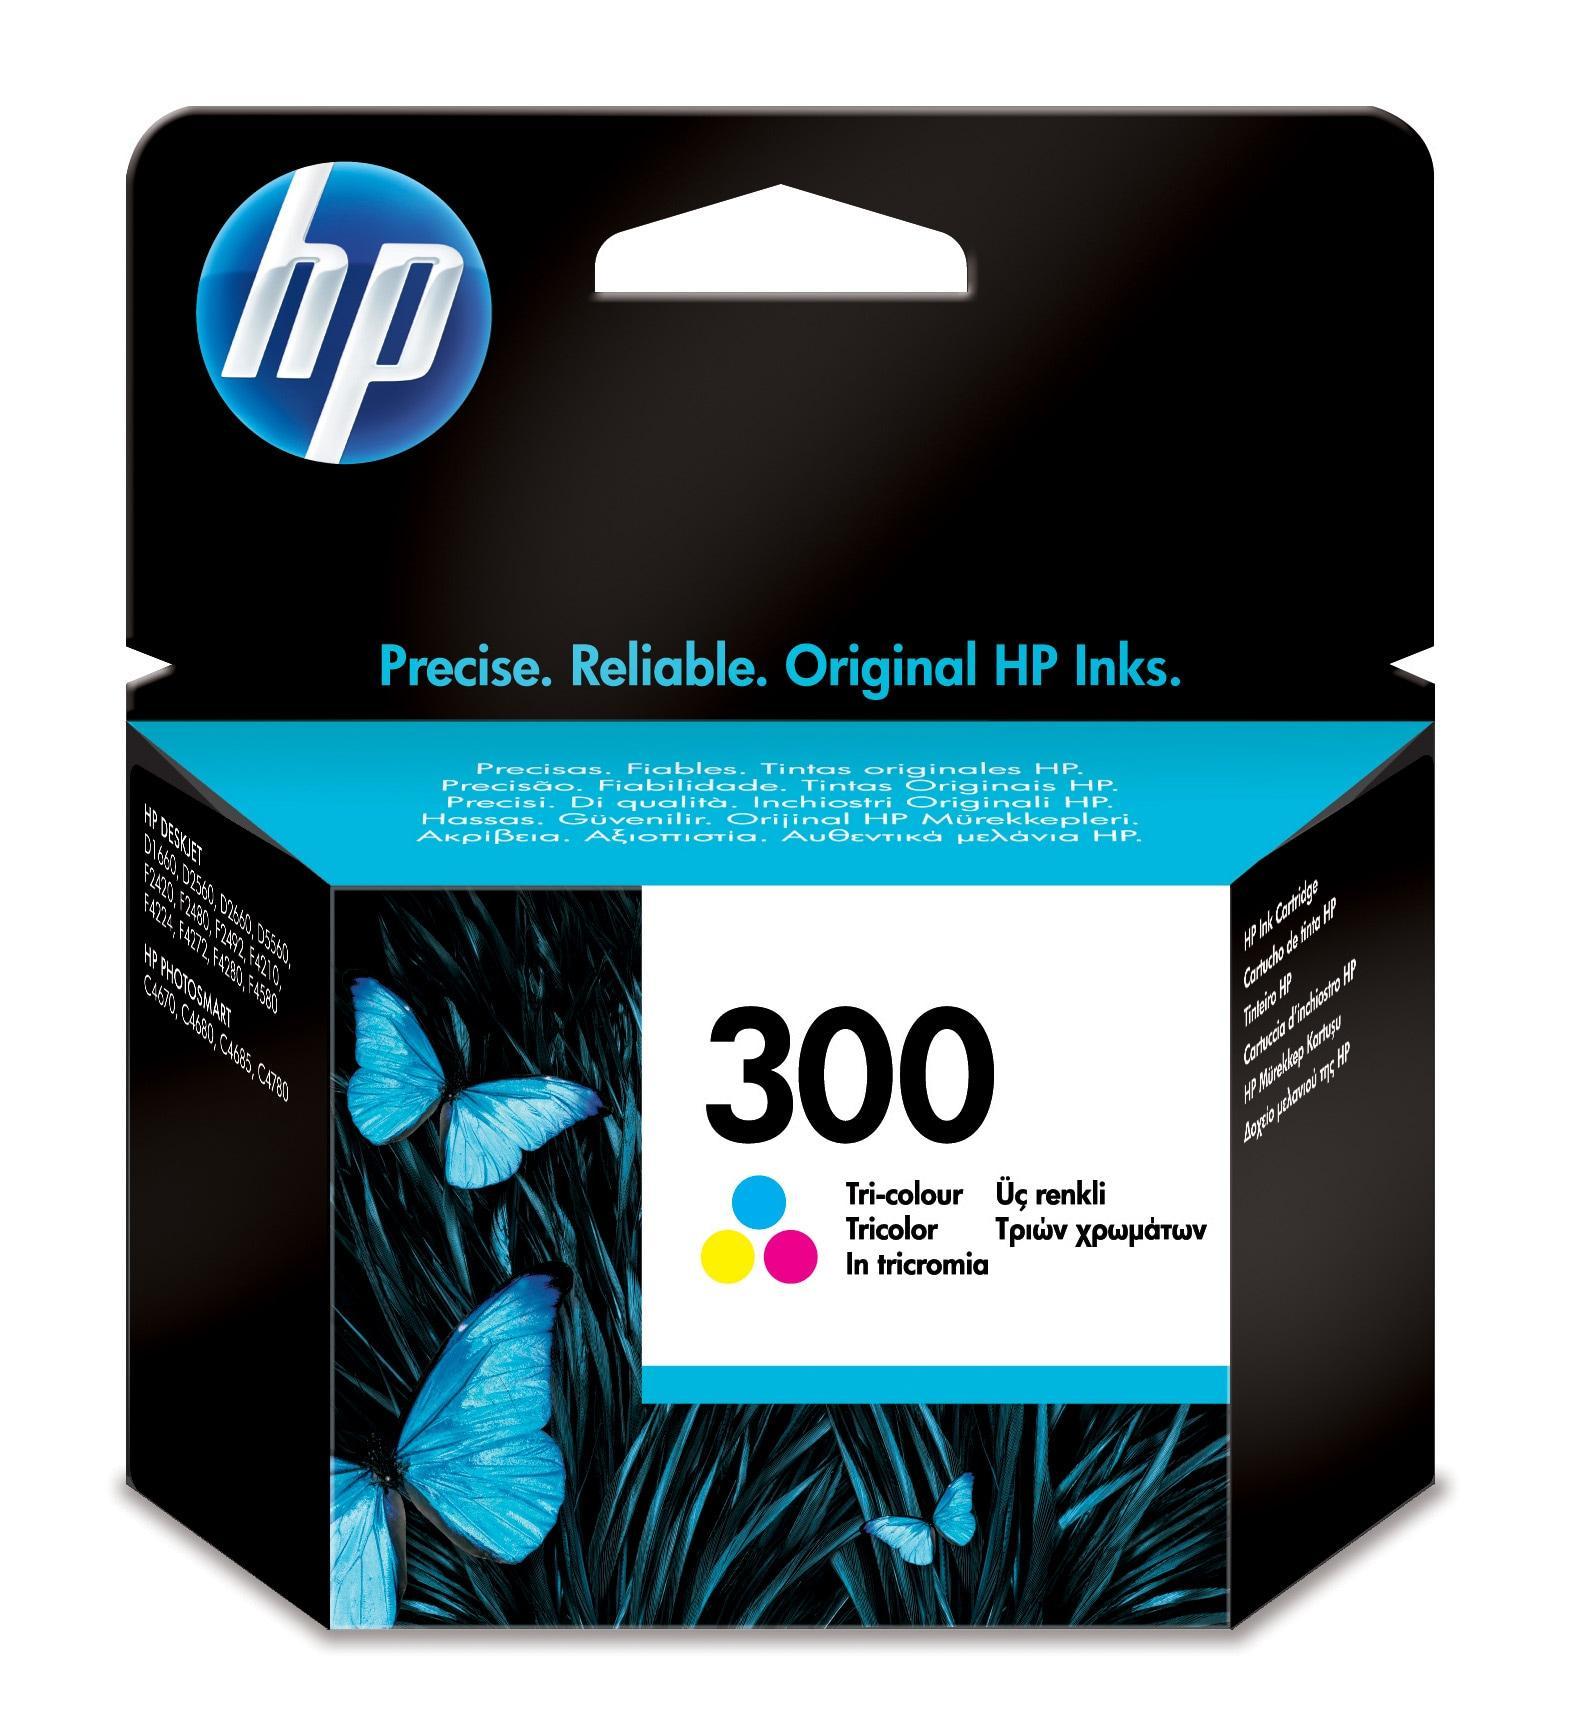 HP 300 Originale Ciano, Magenta, Giallo 1 pezzo(i)